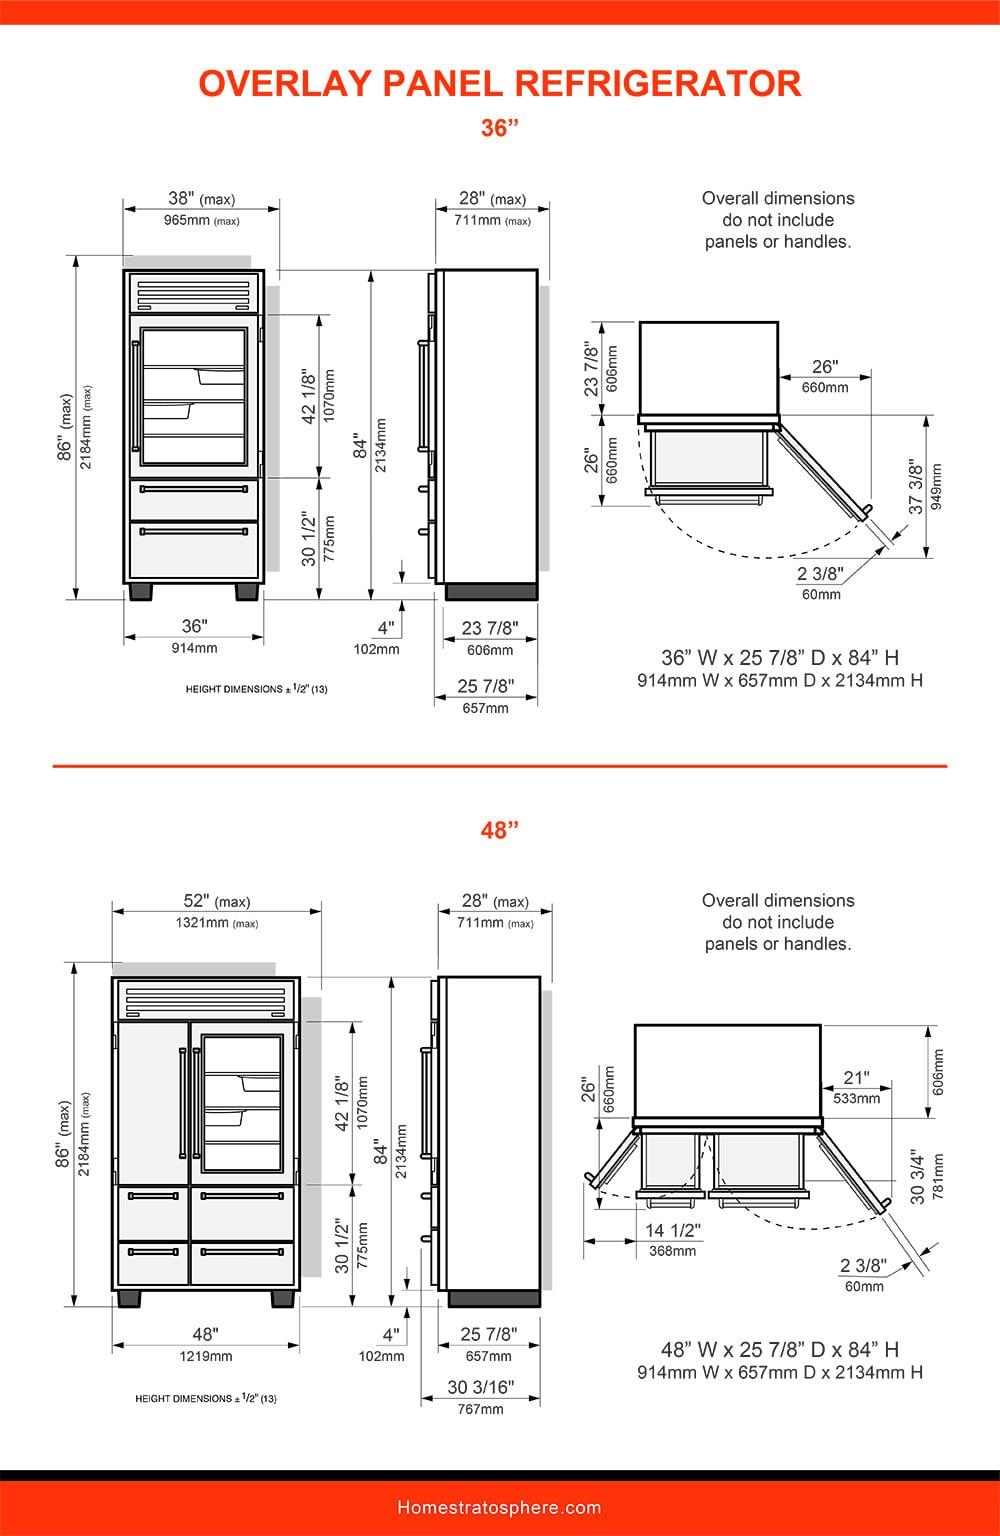 09 Overlay Panel Refrigerator